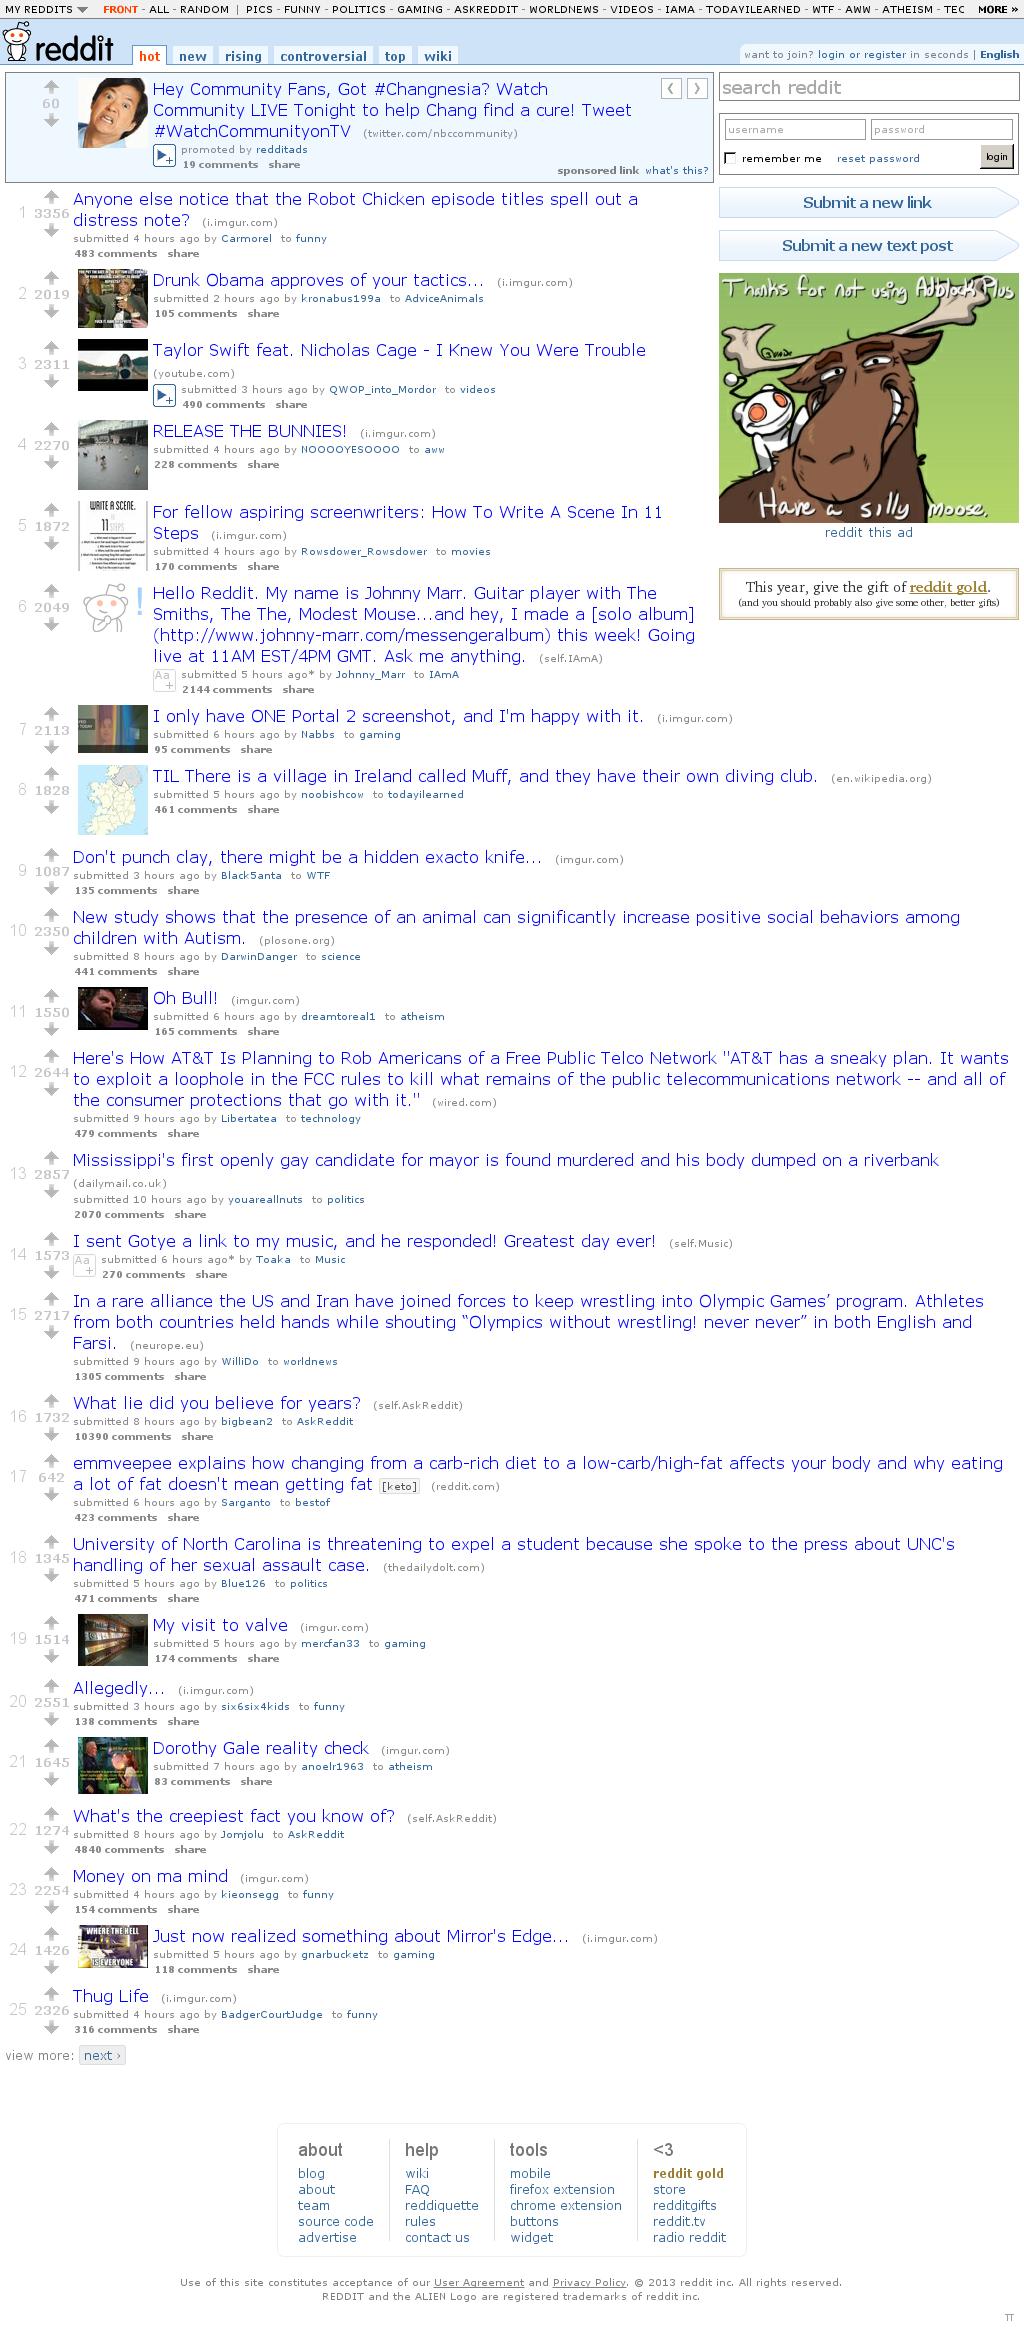 Reddit at Thursday Feb. 28, 2013, 9:17 p.m. UTC